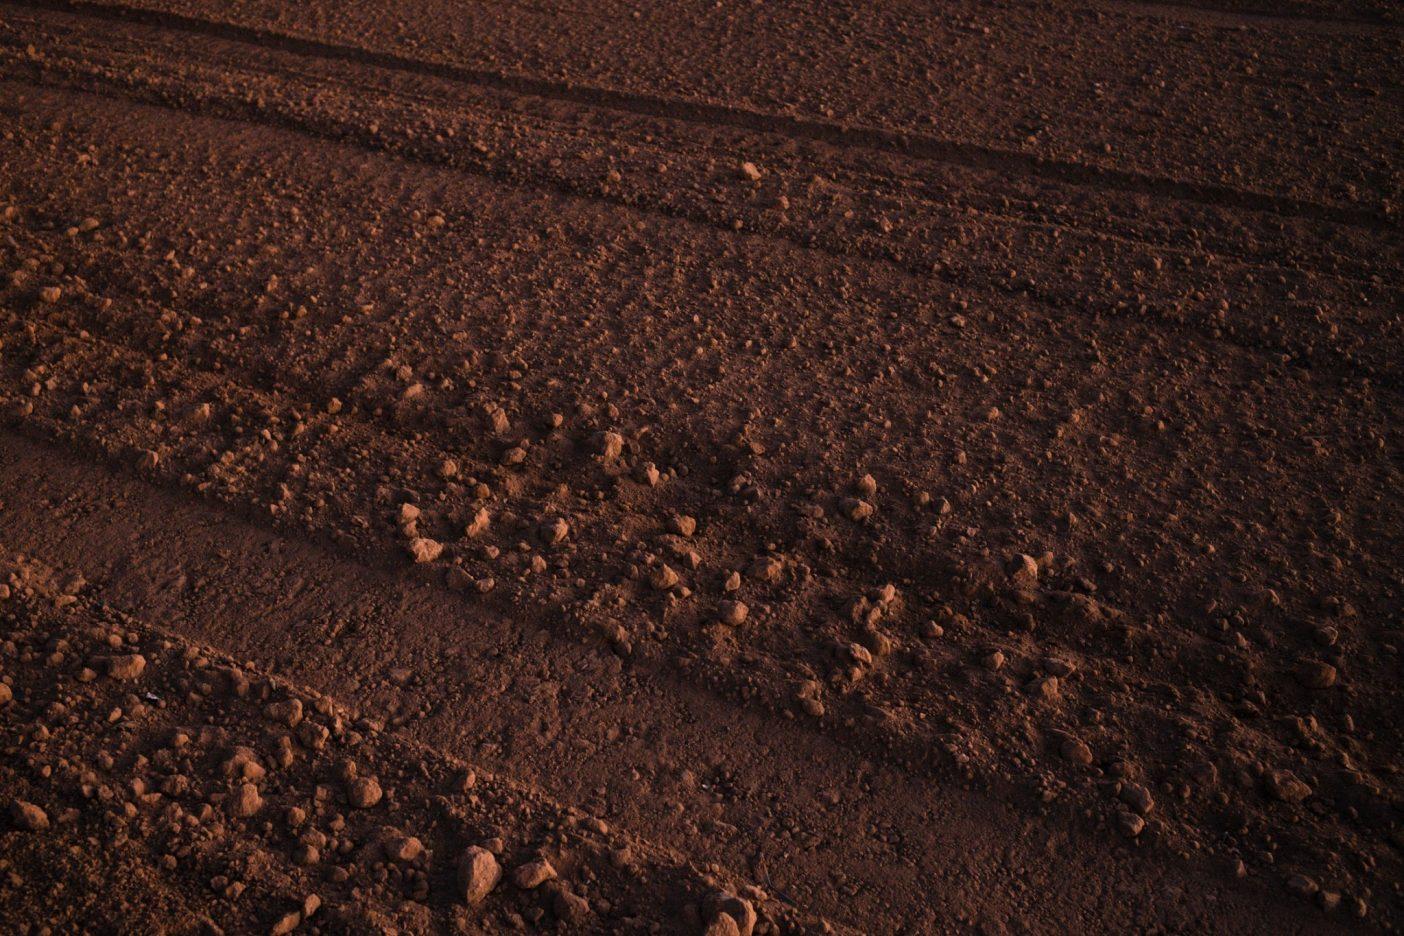 「そこには十分な空間と希望が存在する」と言うサモラ。「勤勉さがすべてだ」カリフォルニア州サリナス・バレーの日没。カリフォルニア州のサリナス・バレー